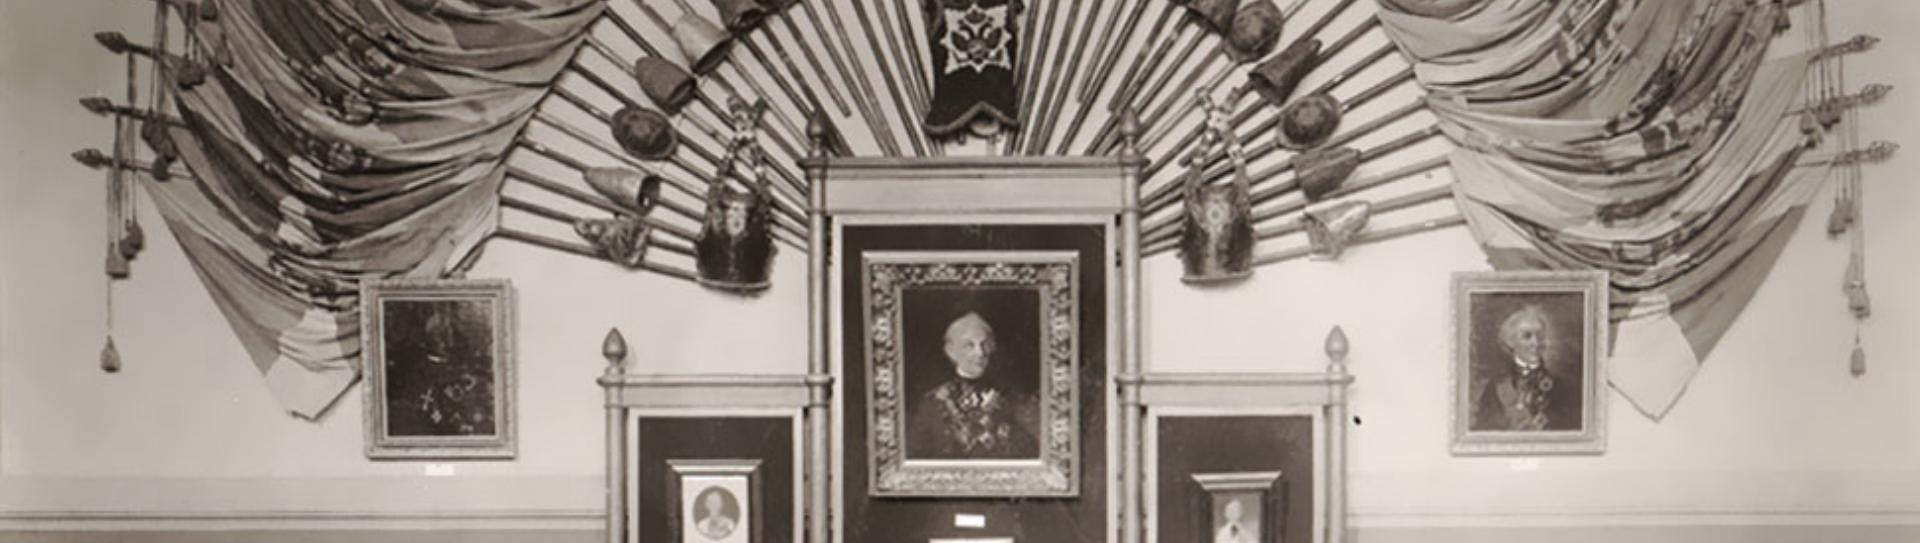 музей победы на поклонной горе официальный